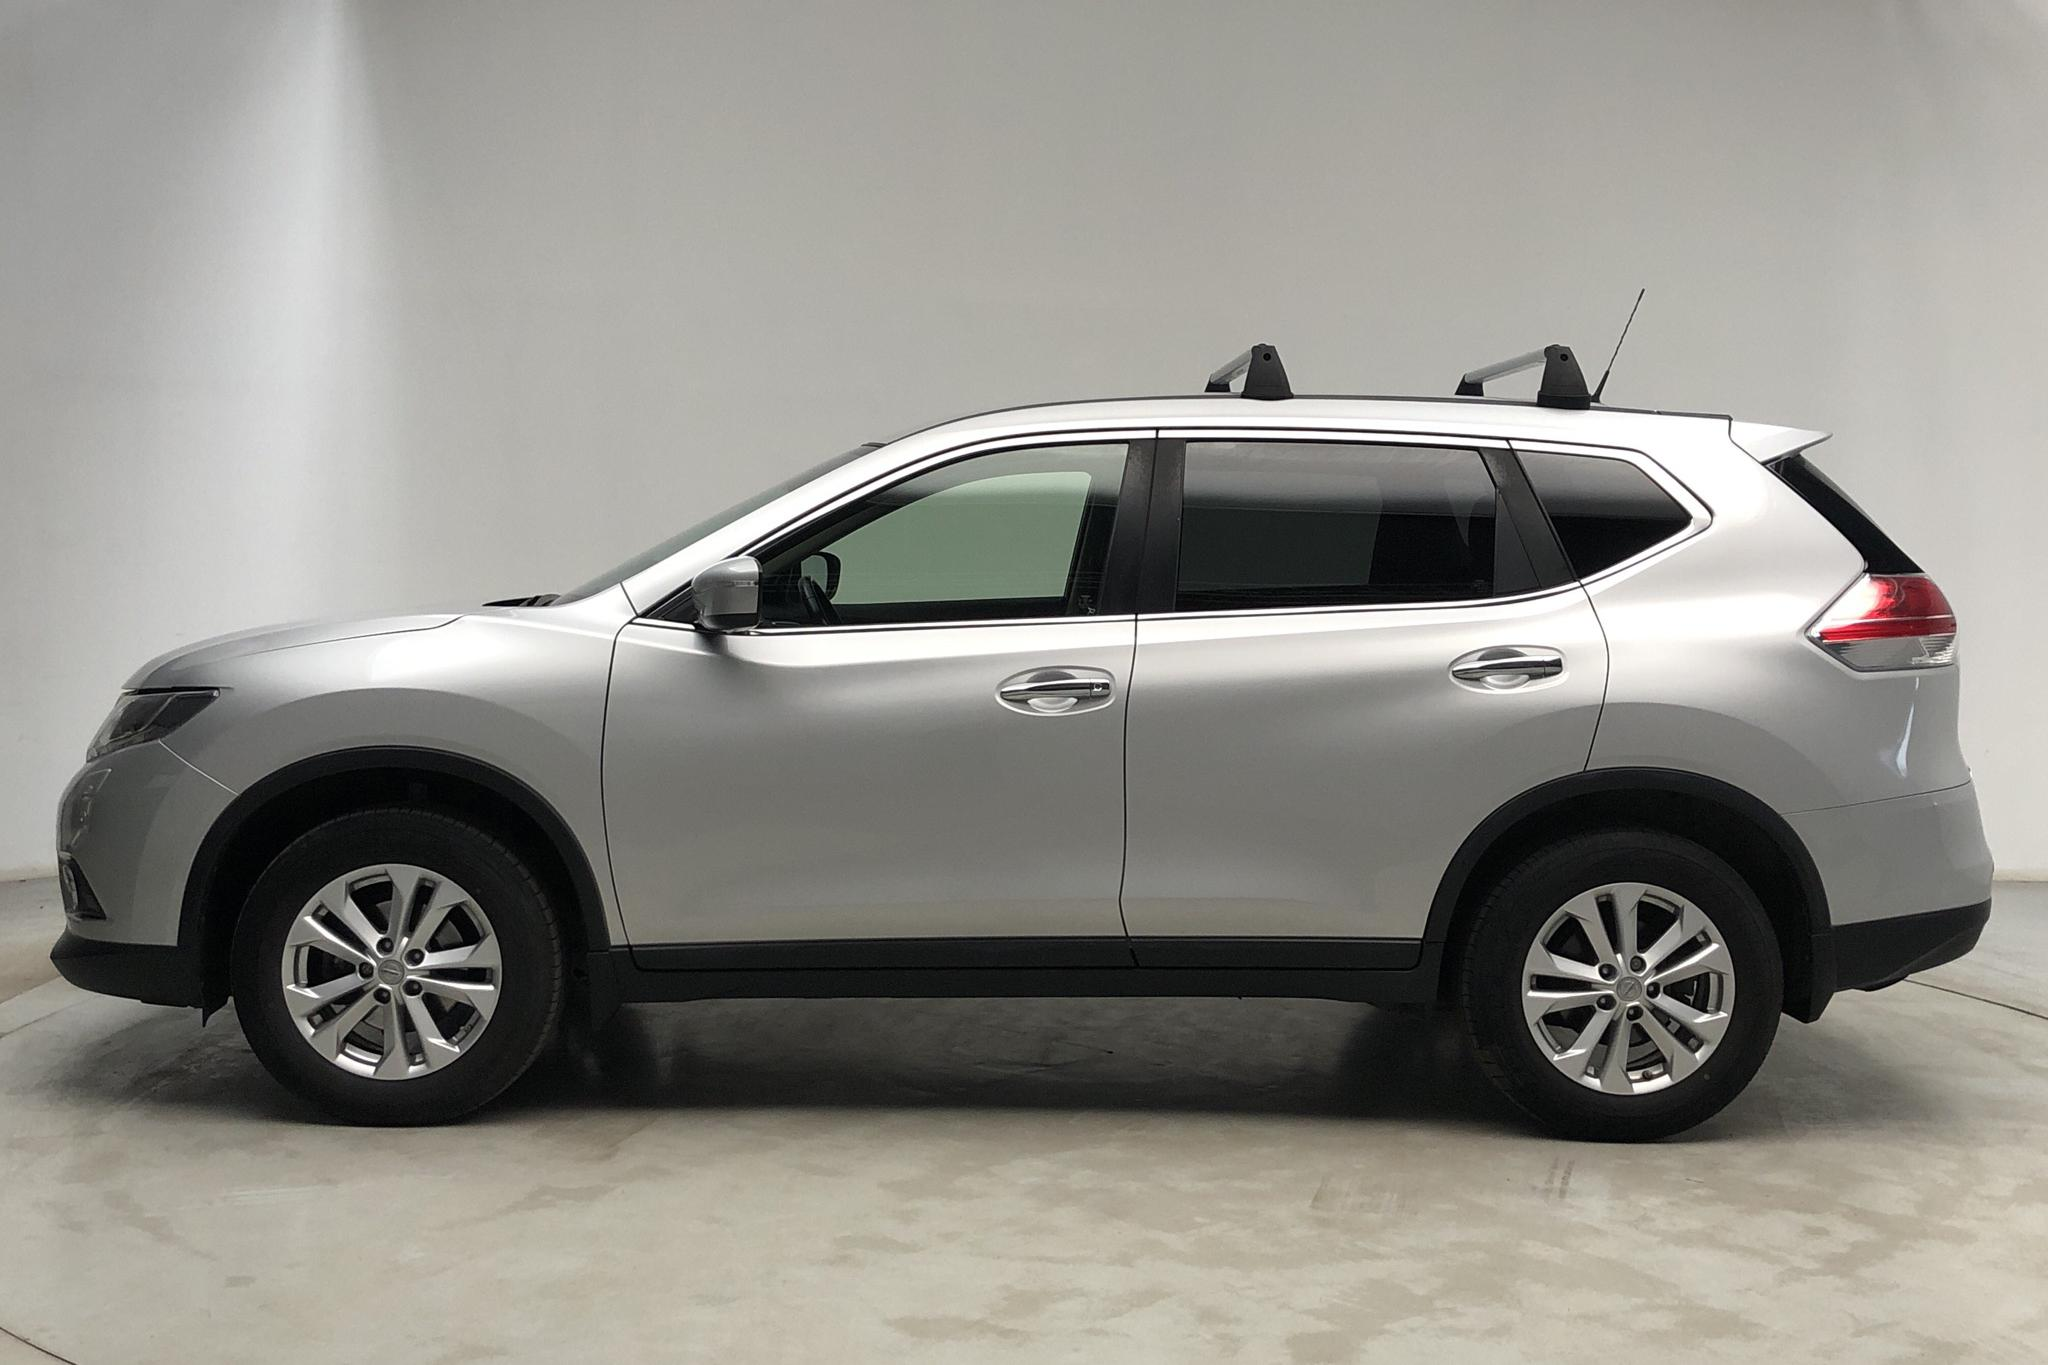 Nissan X-trail 1.6 DIG-T 2WD (163hk) - 69 370 km - Manual - silver - 2016